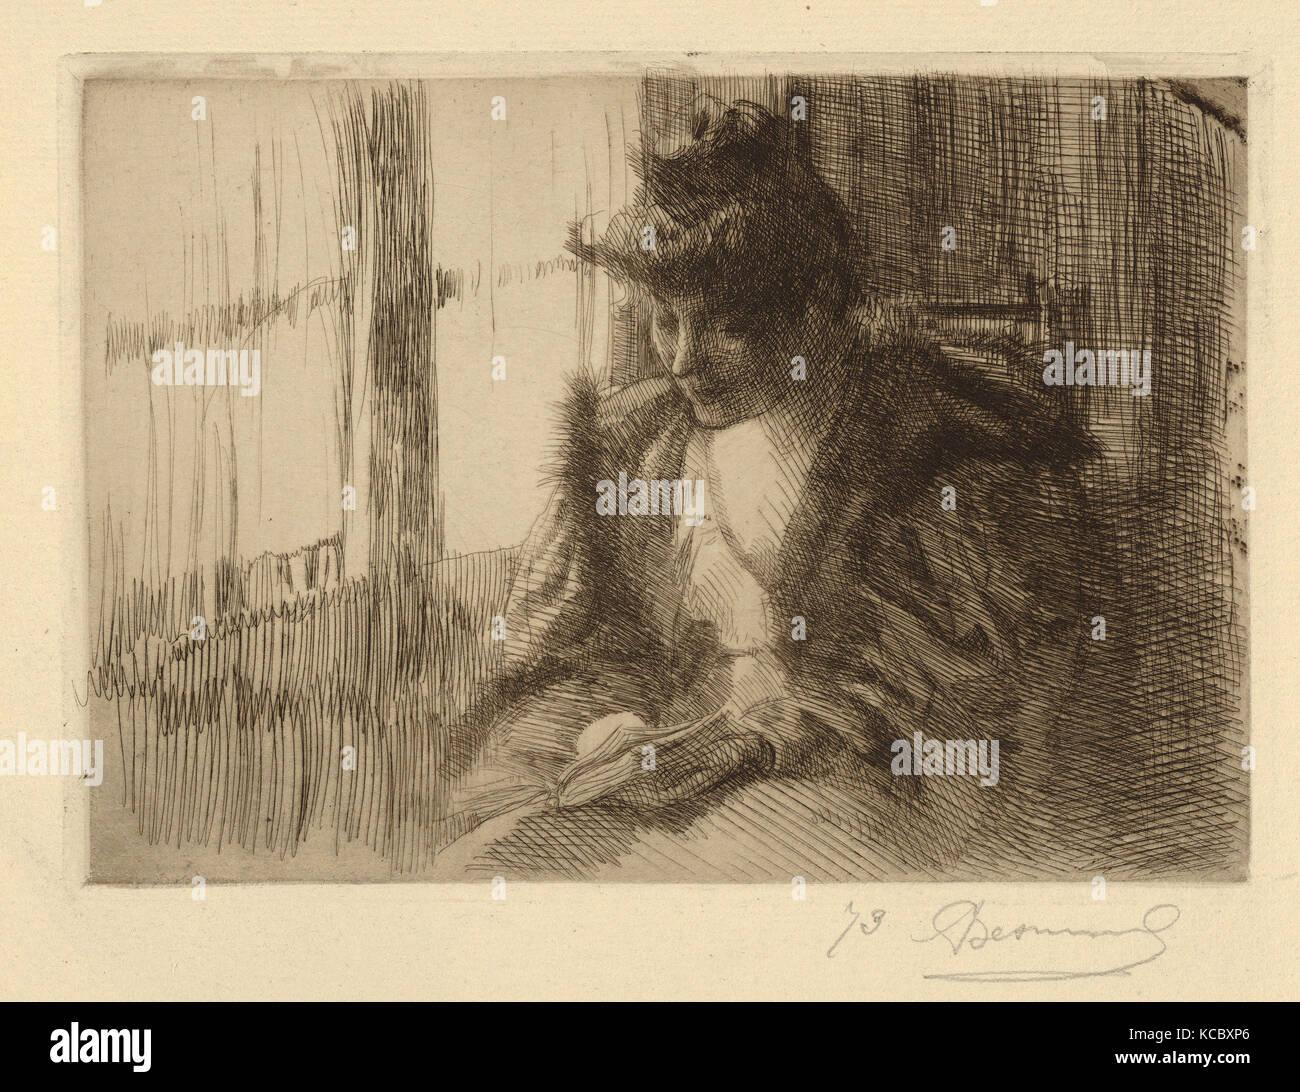 Liseuse stock photos liseuse stock images alamy for Devant la fenetre